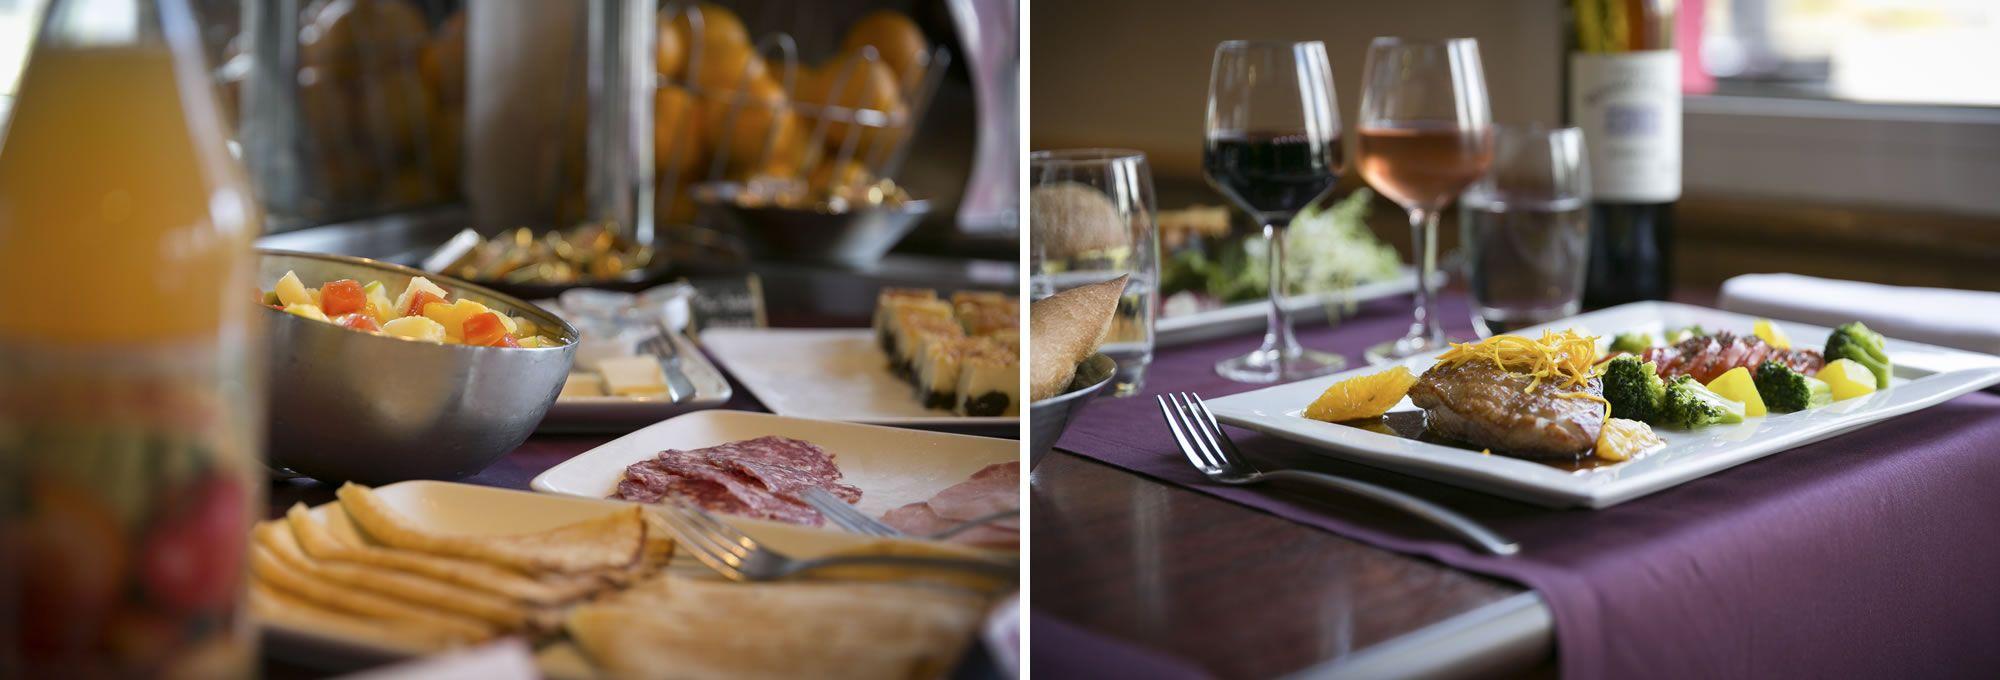 Petit-déjeuner et restaurant au Brit Hotel Le Castel de Rennes